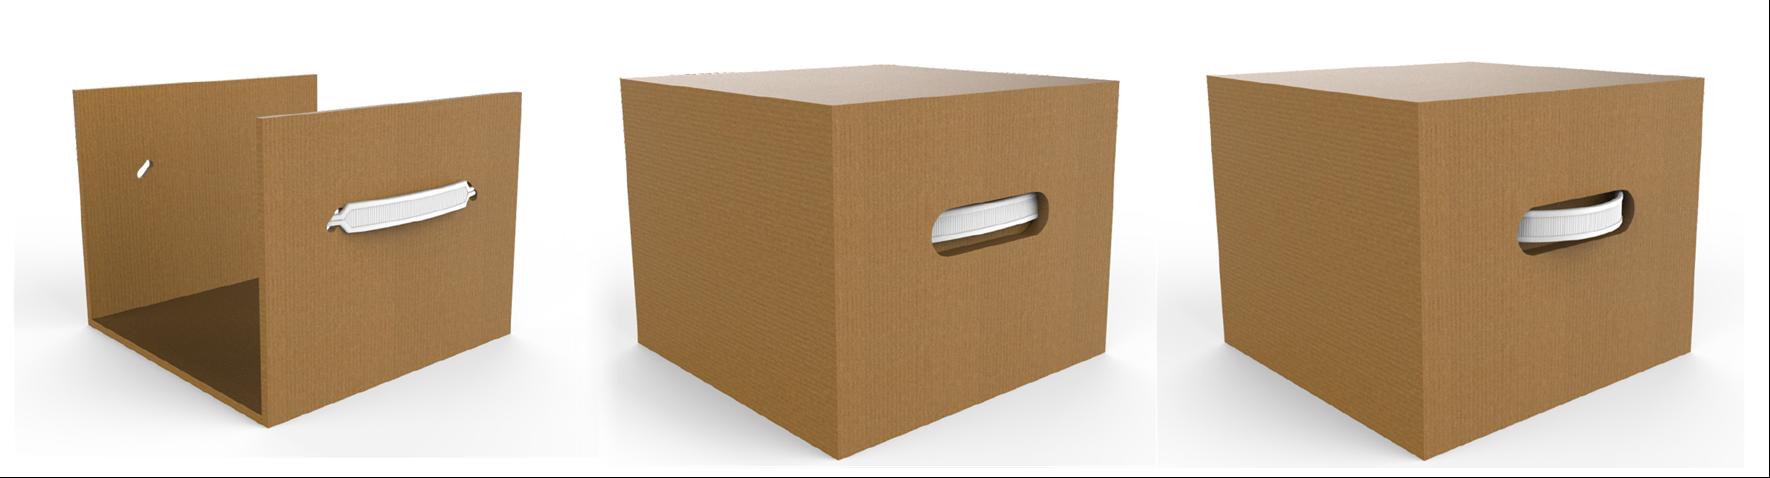 Side Mount Handle on Box